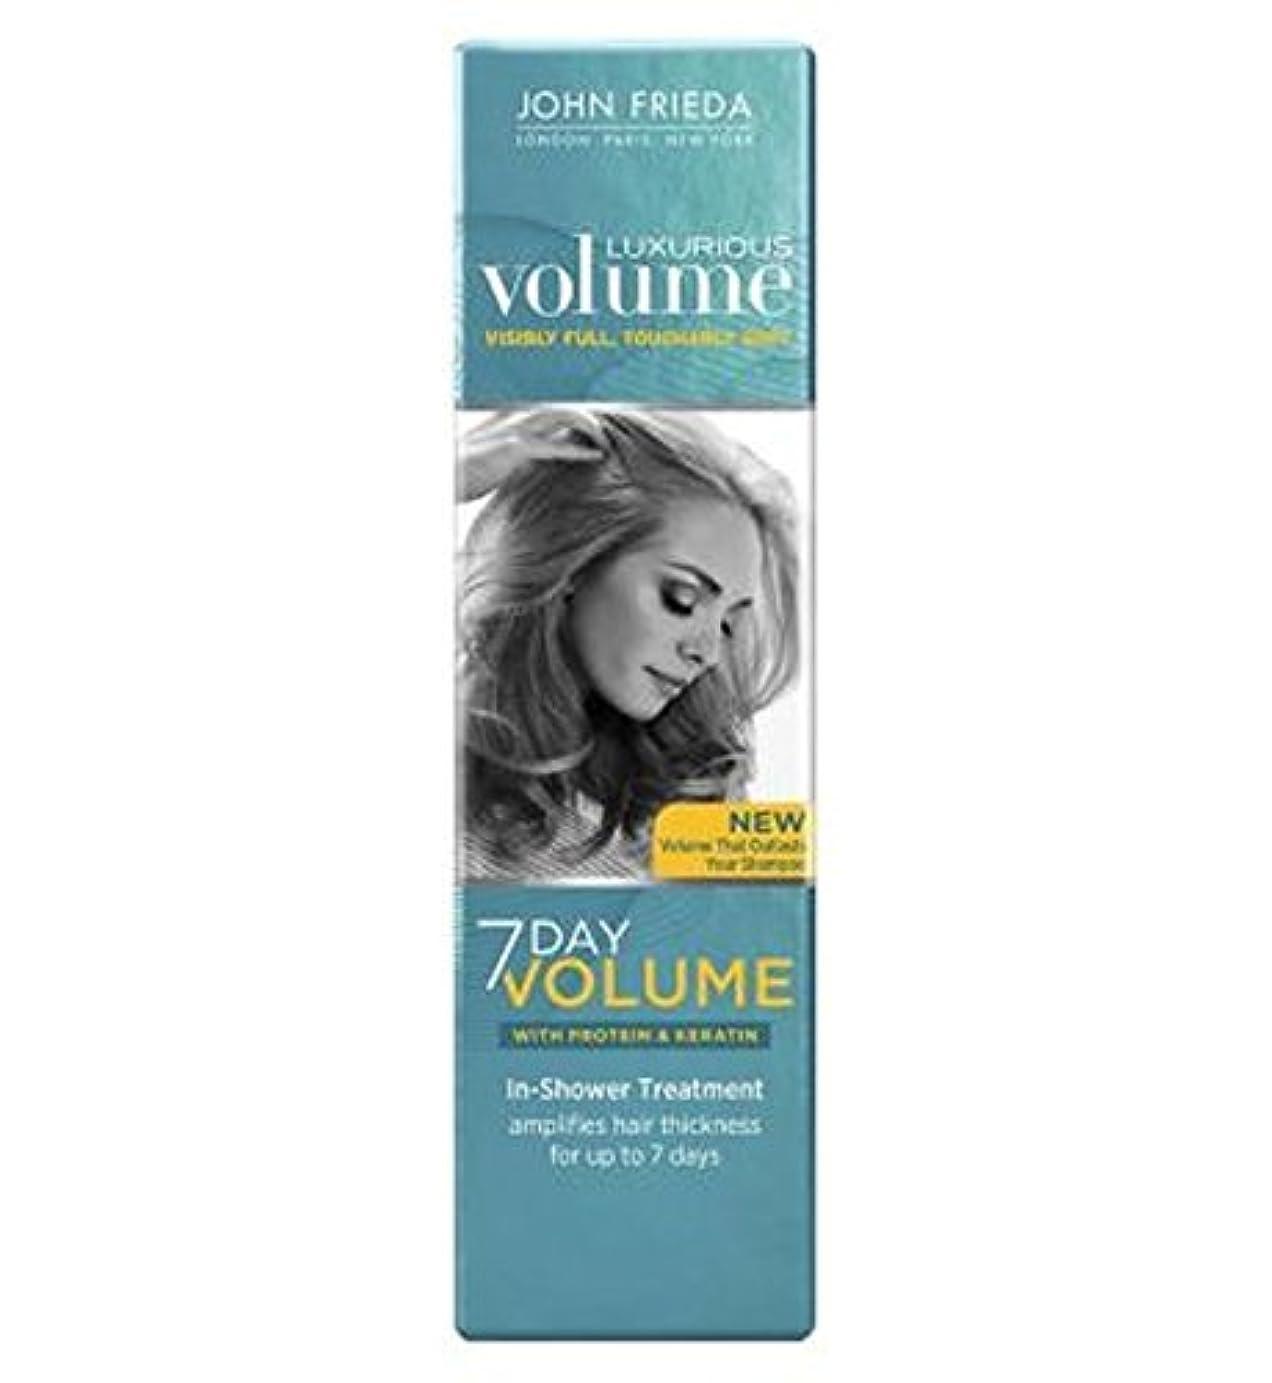 ステープルポンプインタネットを見るJohn Frieda Luxurious Volume 7 Day In-Shower Treatment 100ml - ジョン?フリーダ豪華なボリューム7日には、シャワー処理100ミリリットル (John Frieda...